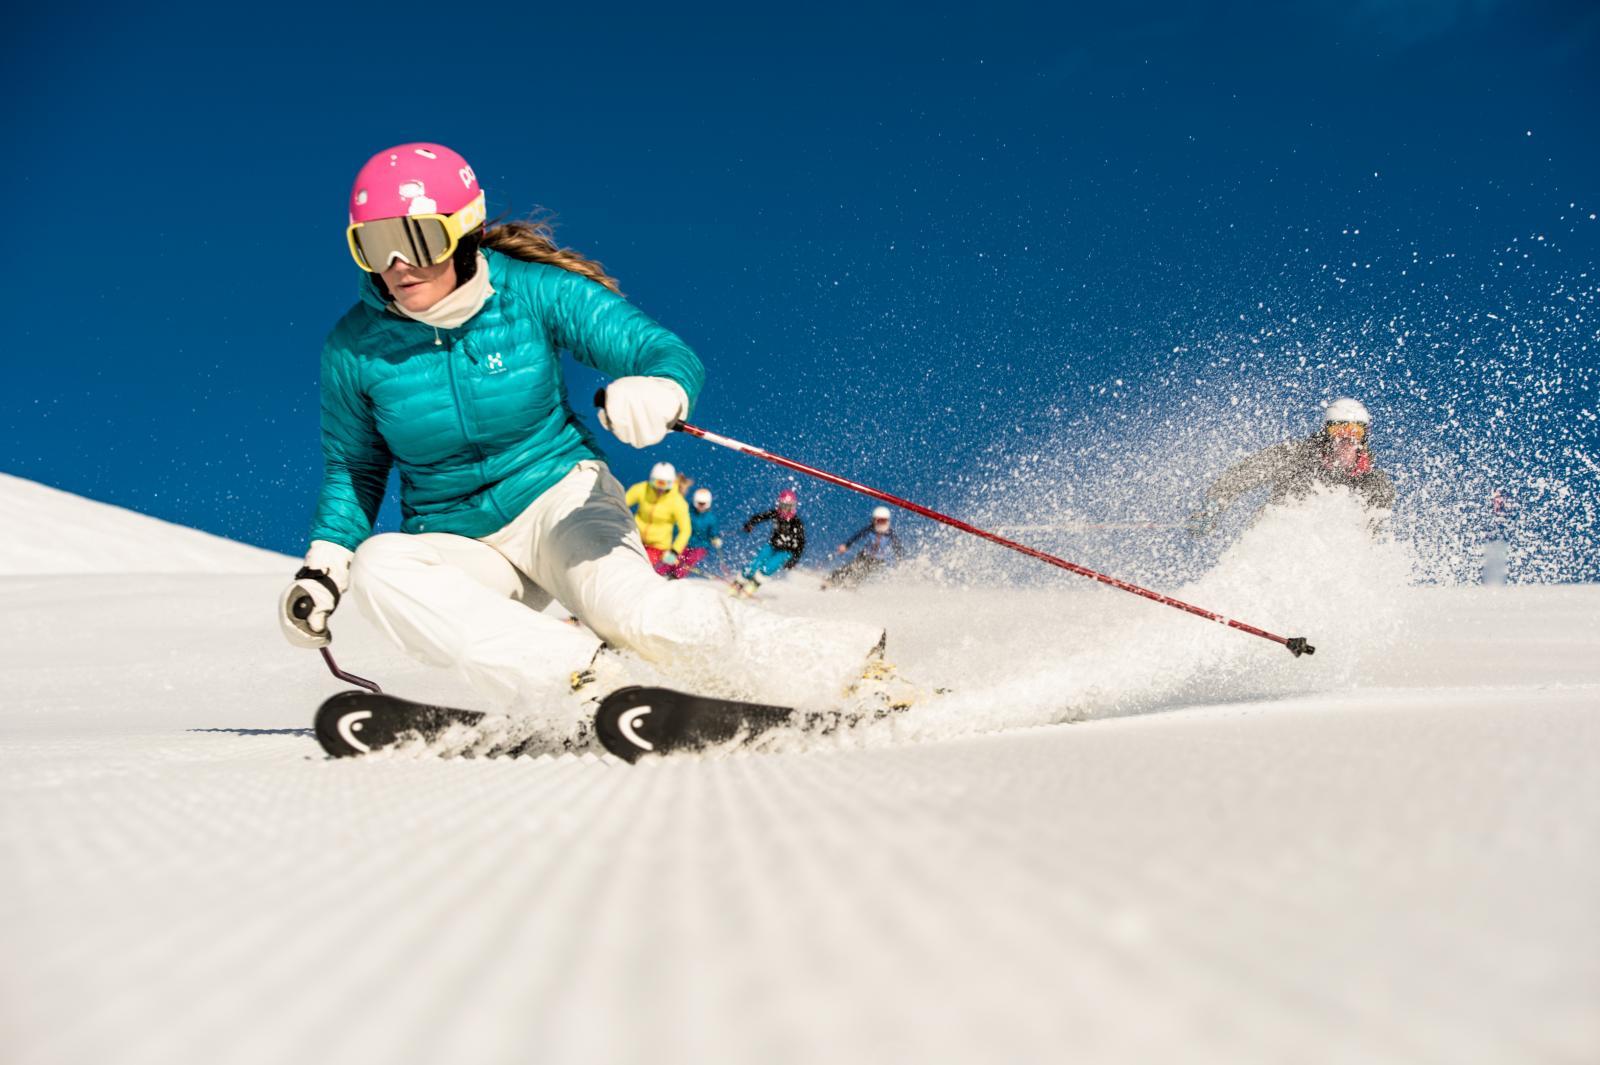 Voor het eerst in 25 jaar kun je al zó vroeg skiën in Myrkdalen in Noorwegen!